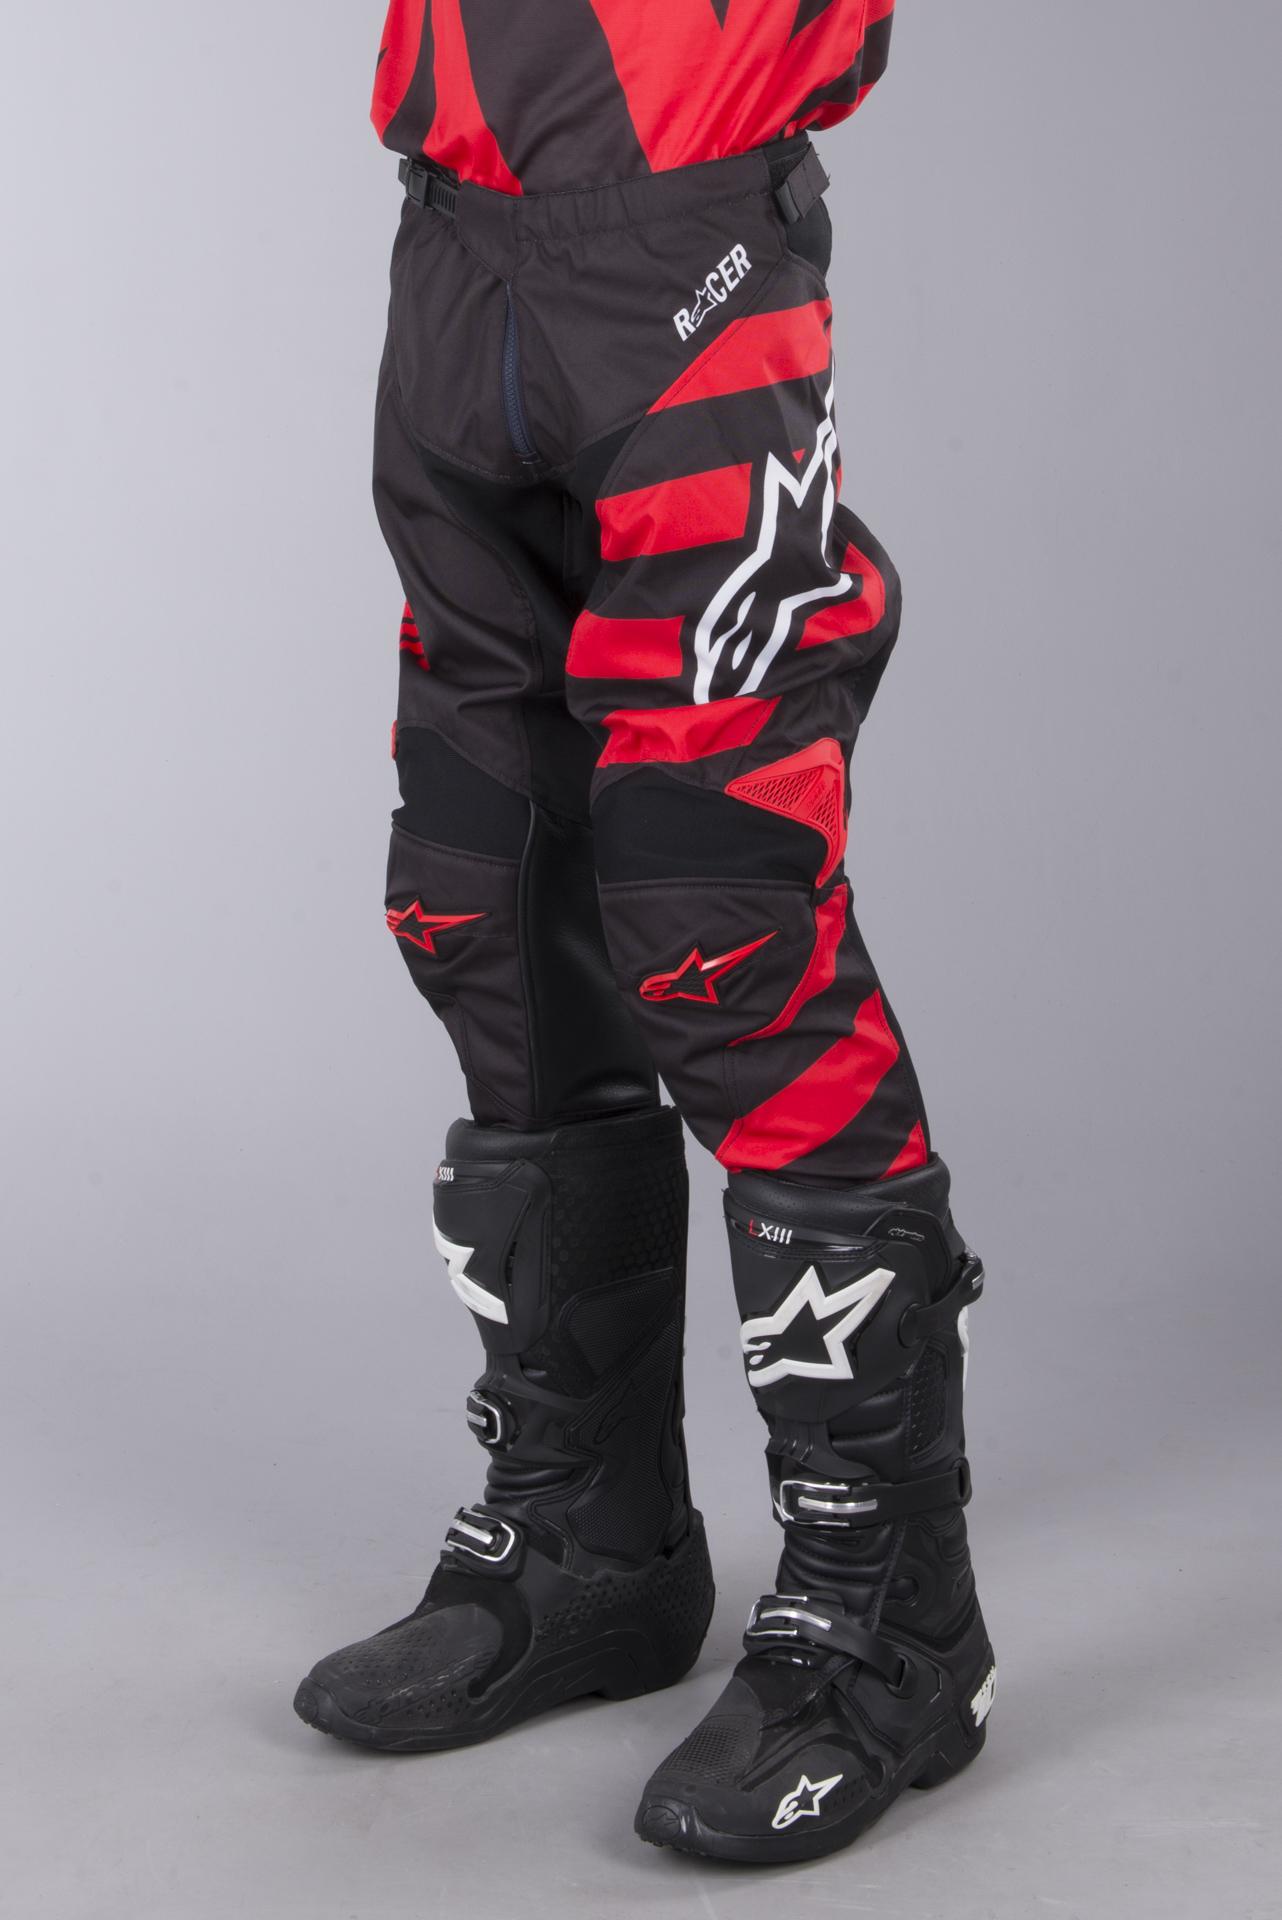 2018 Alpinestars Racer FLAGSHIP Red White Black Motocross Gear